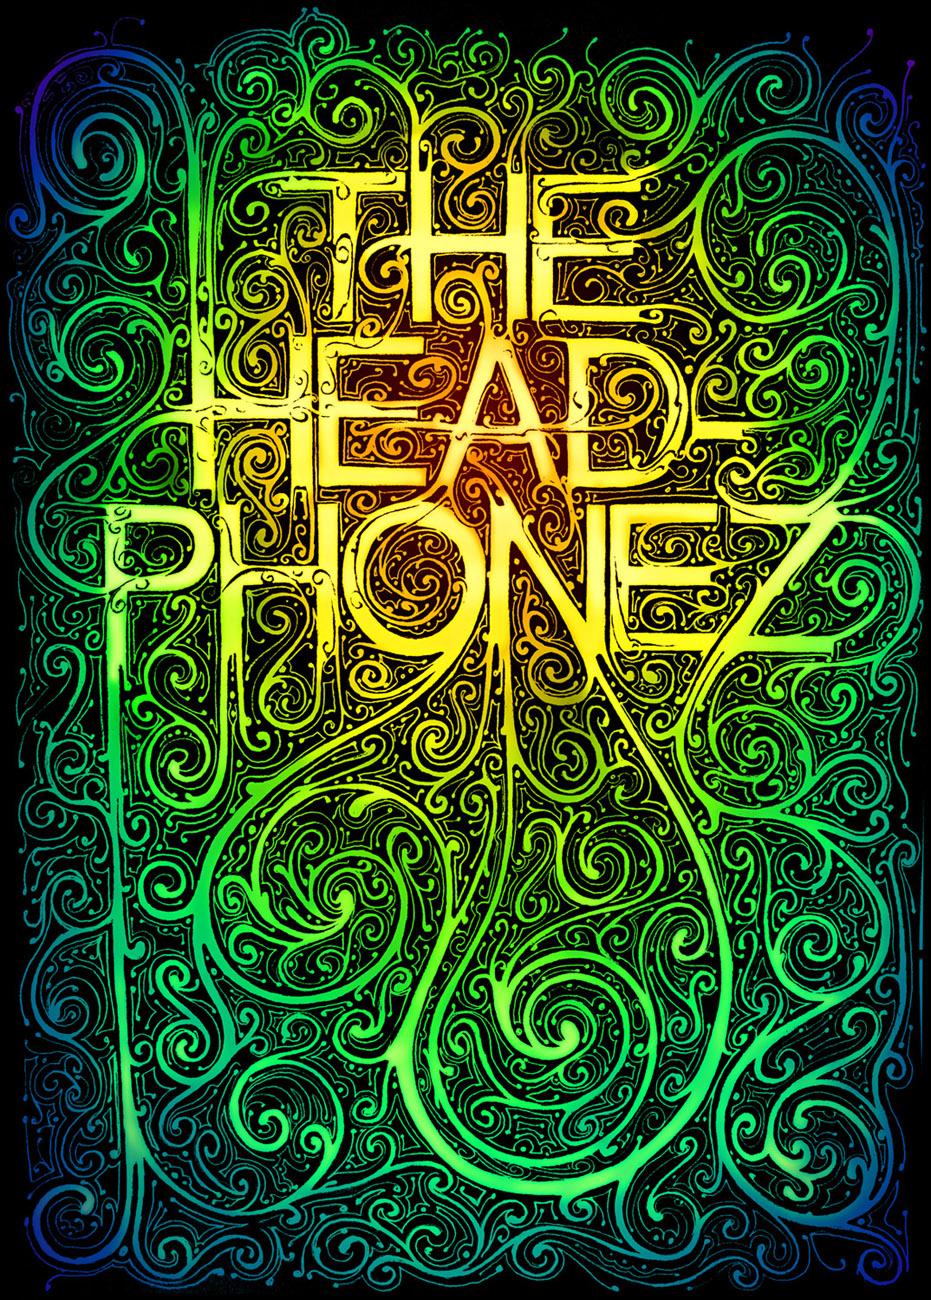 1 The Headphonez.jpg